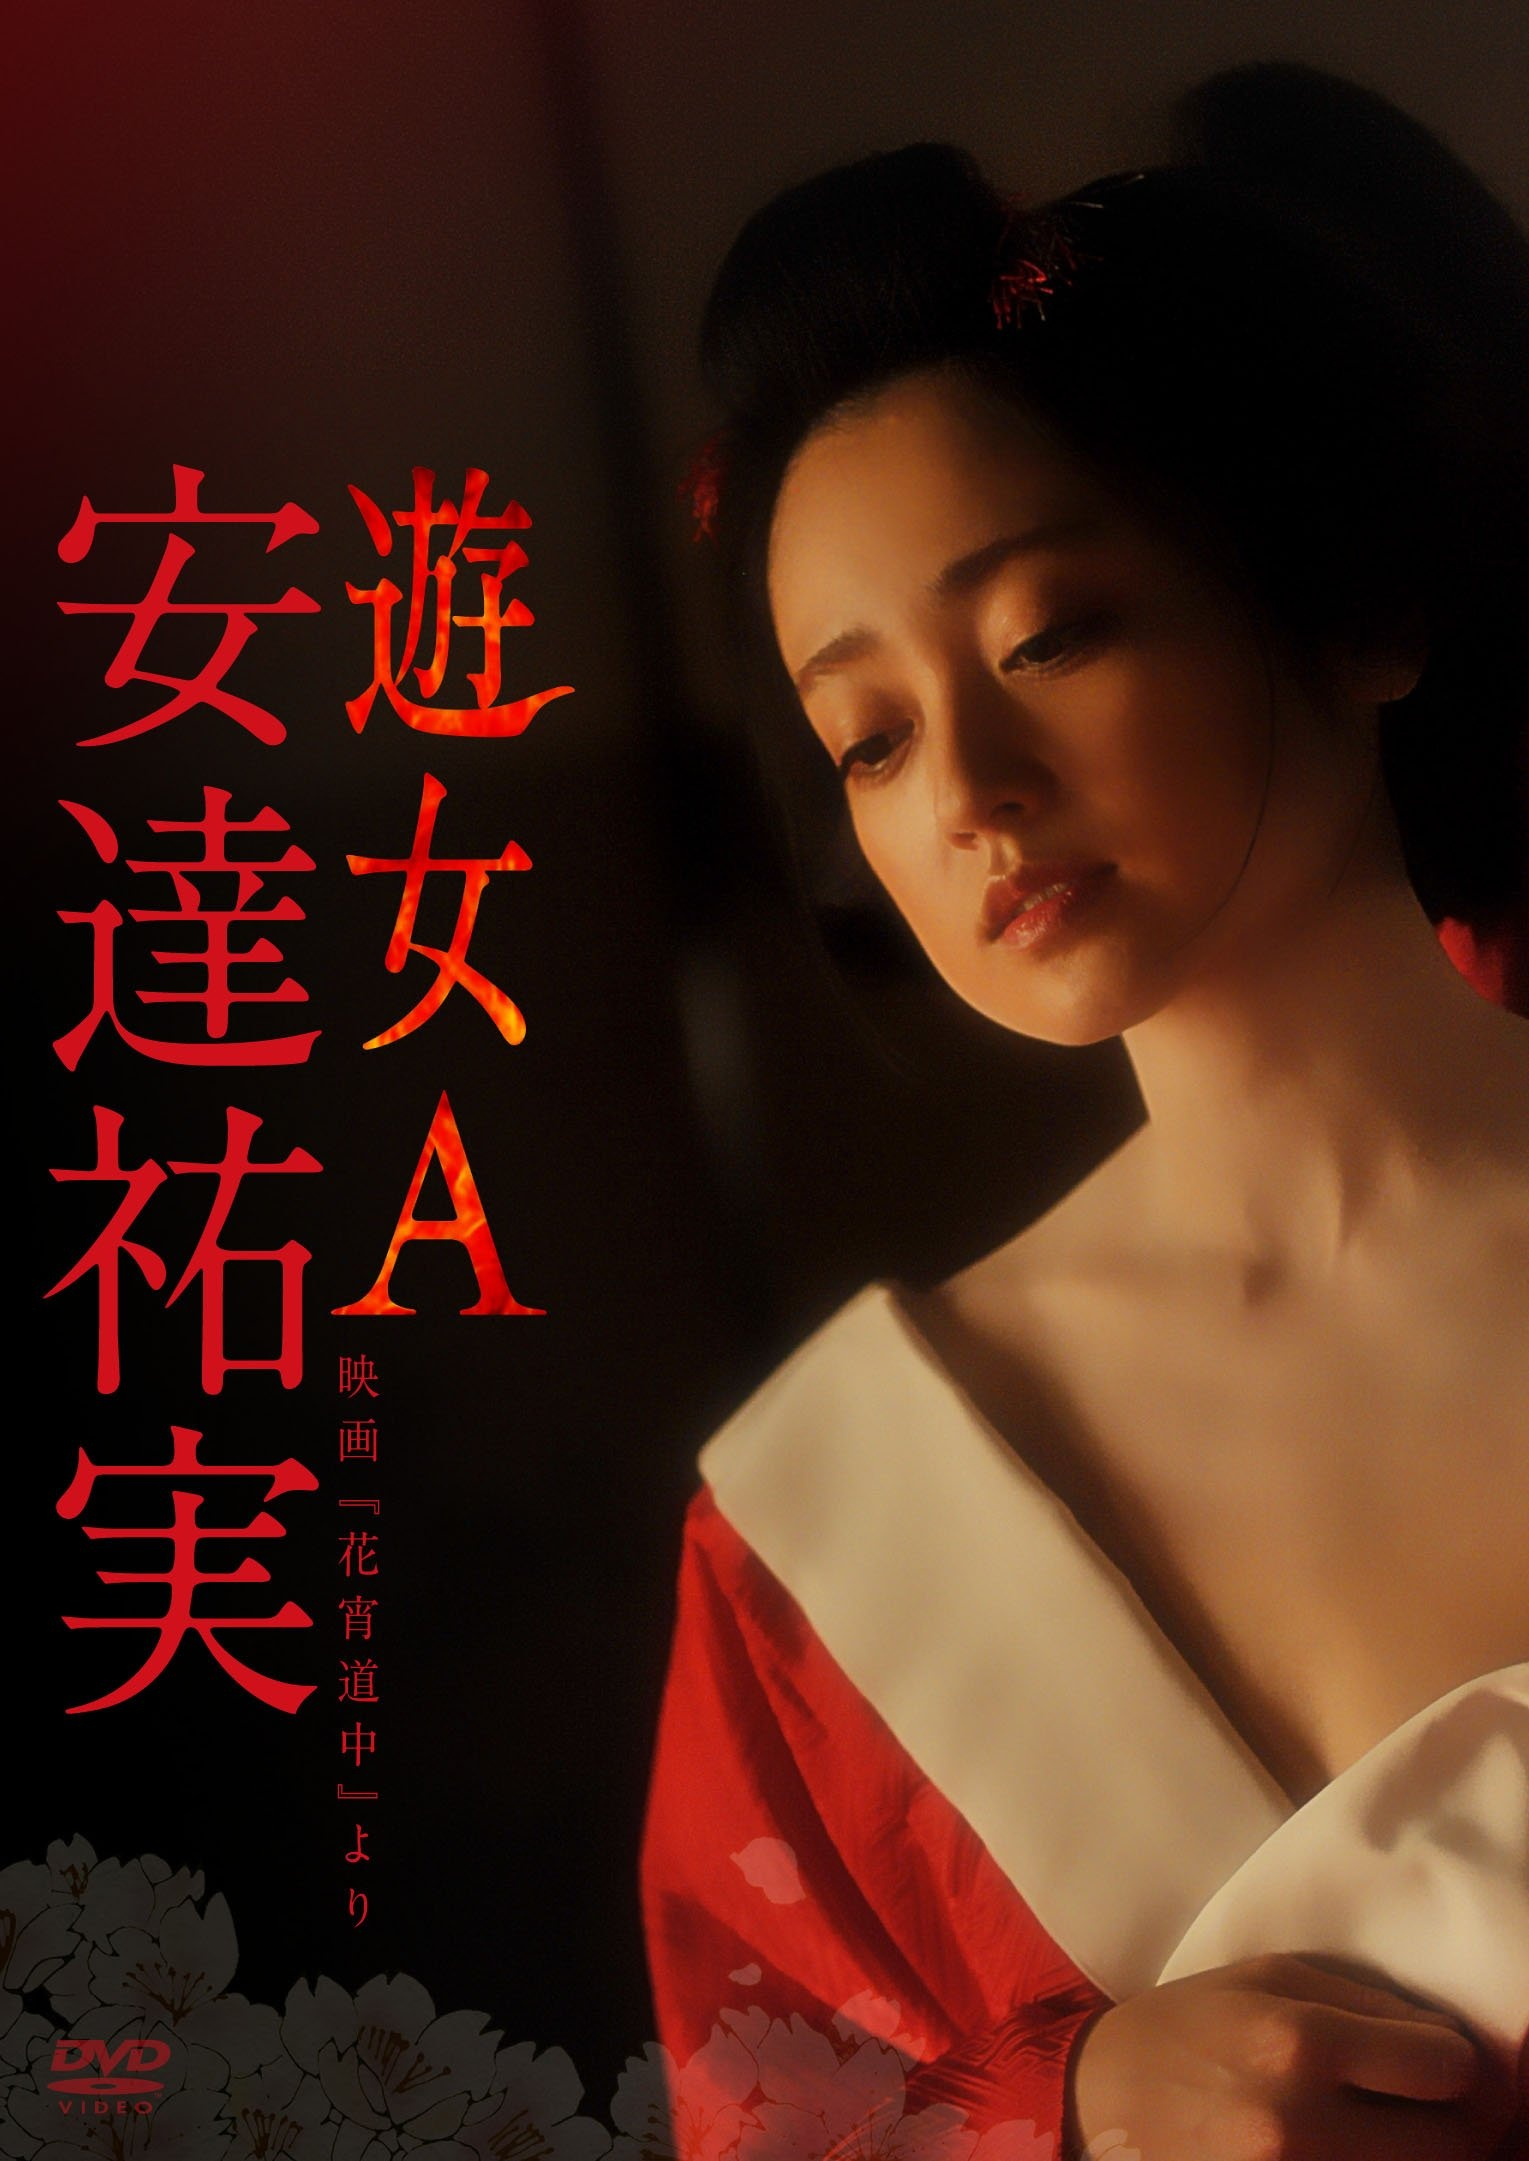 少年神_花宵道中_电影剧照_图集_电影网_1905.com